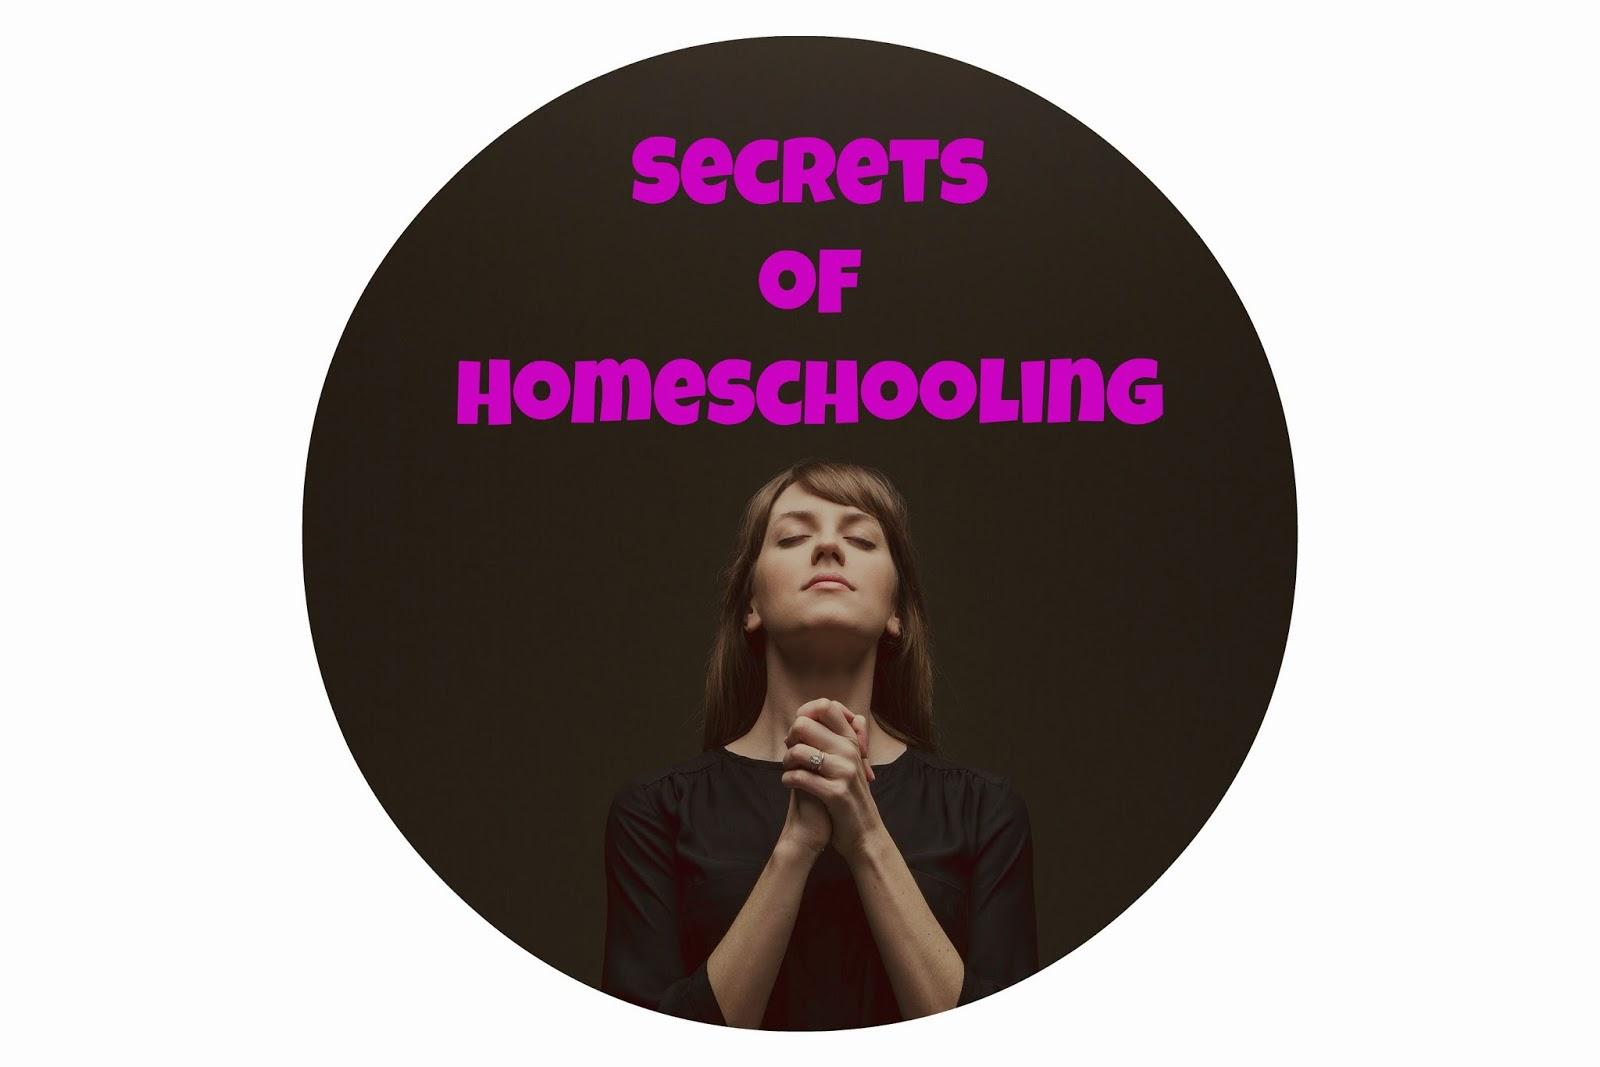 Secrets of Homeschooling